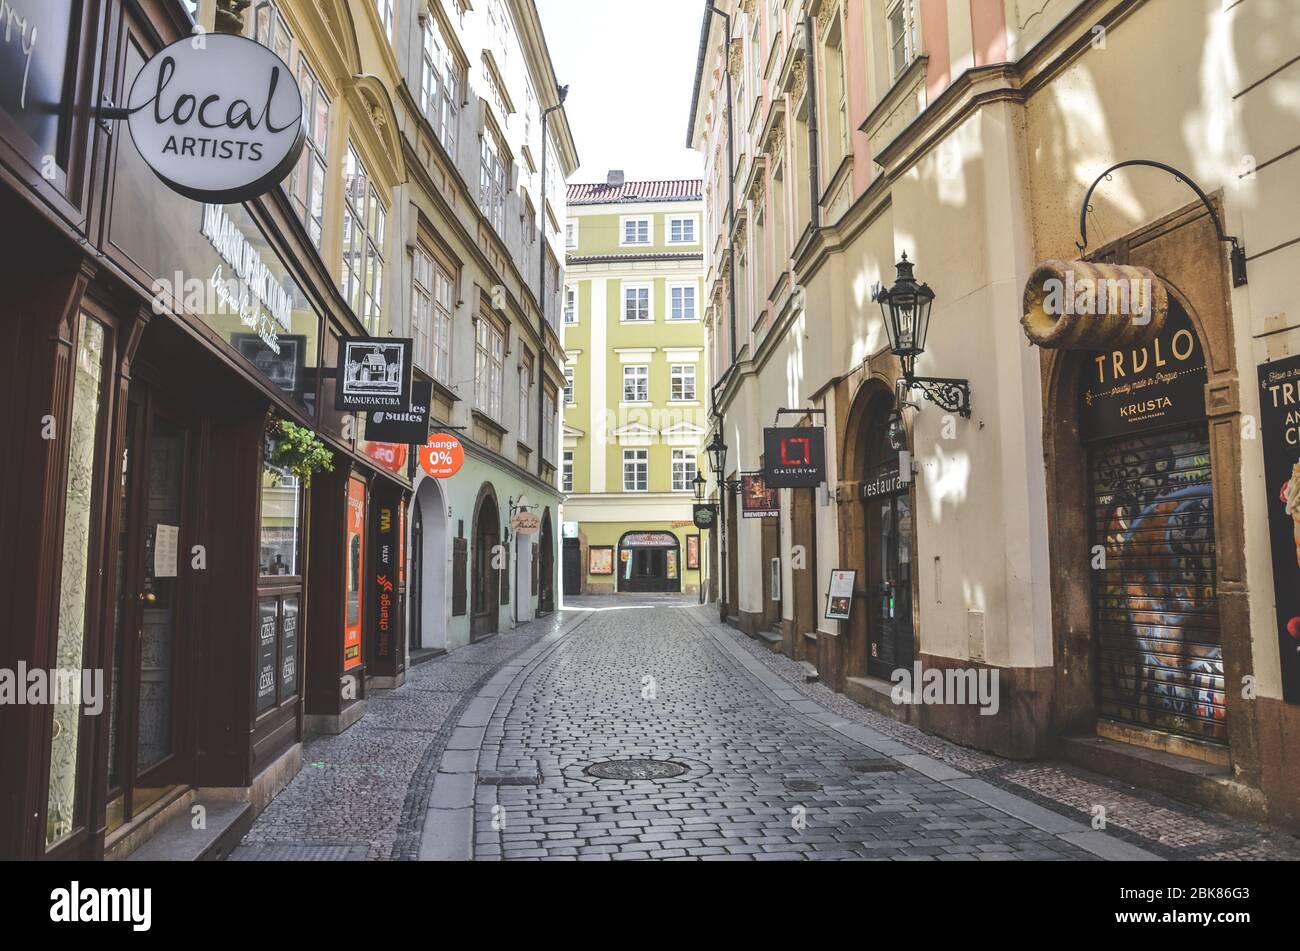 Praga, República Checa - 23 de abril de 2020: Calle vacía en el centro histórico de la capital Checa. Tiendas y restaurantes cerrados debido al brote de coronavirus. Ciudad vacía, pandemia COVID-19. Foto de stock